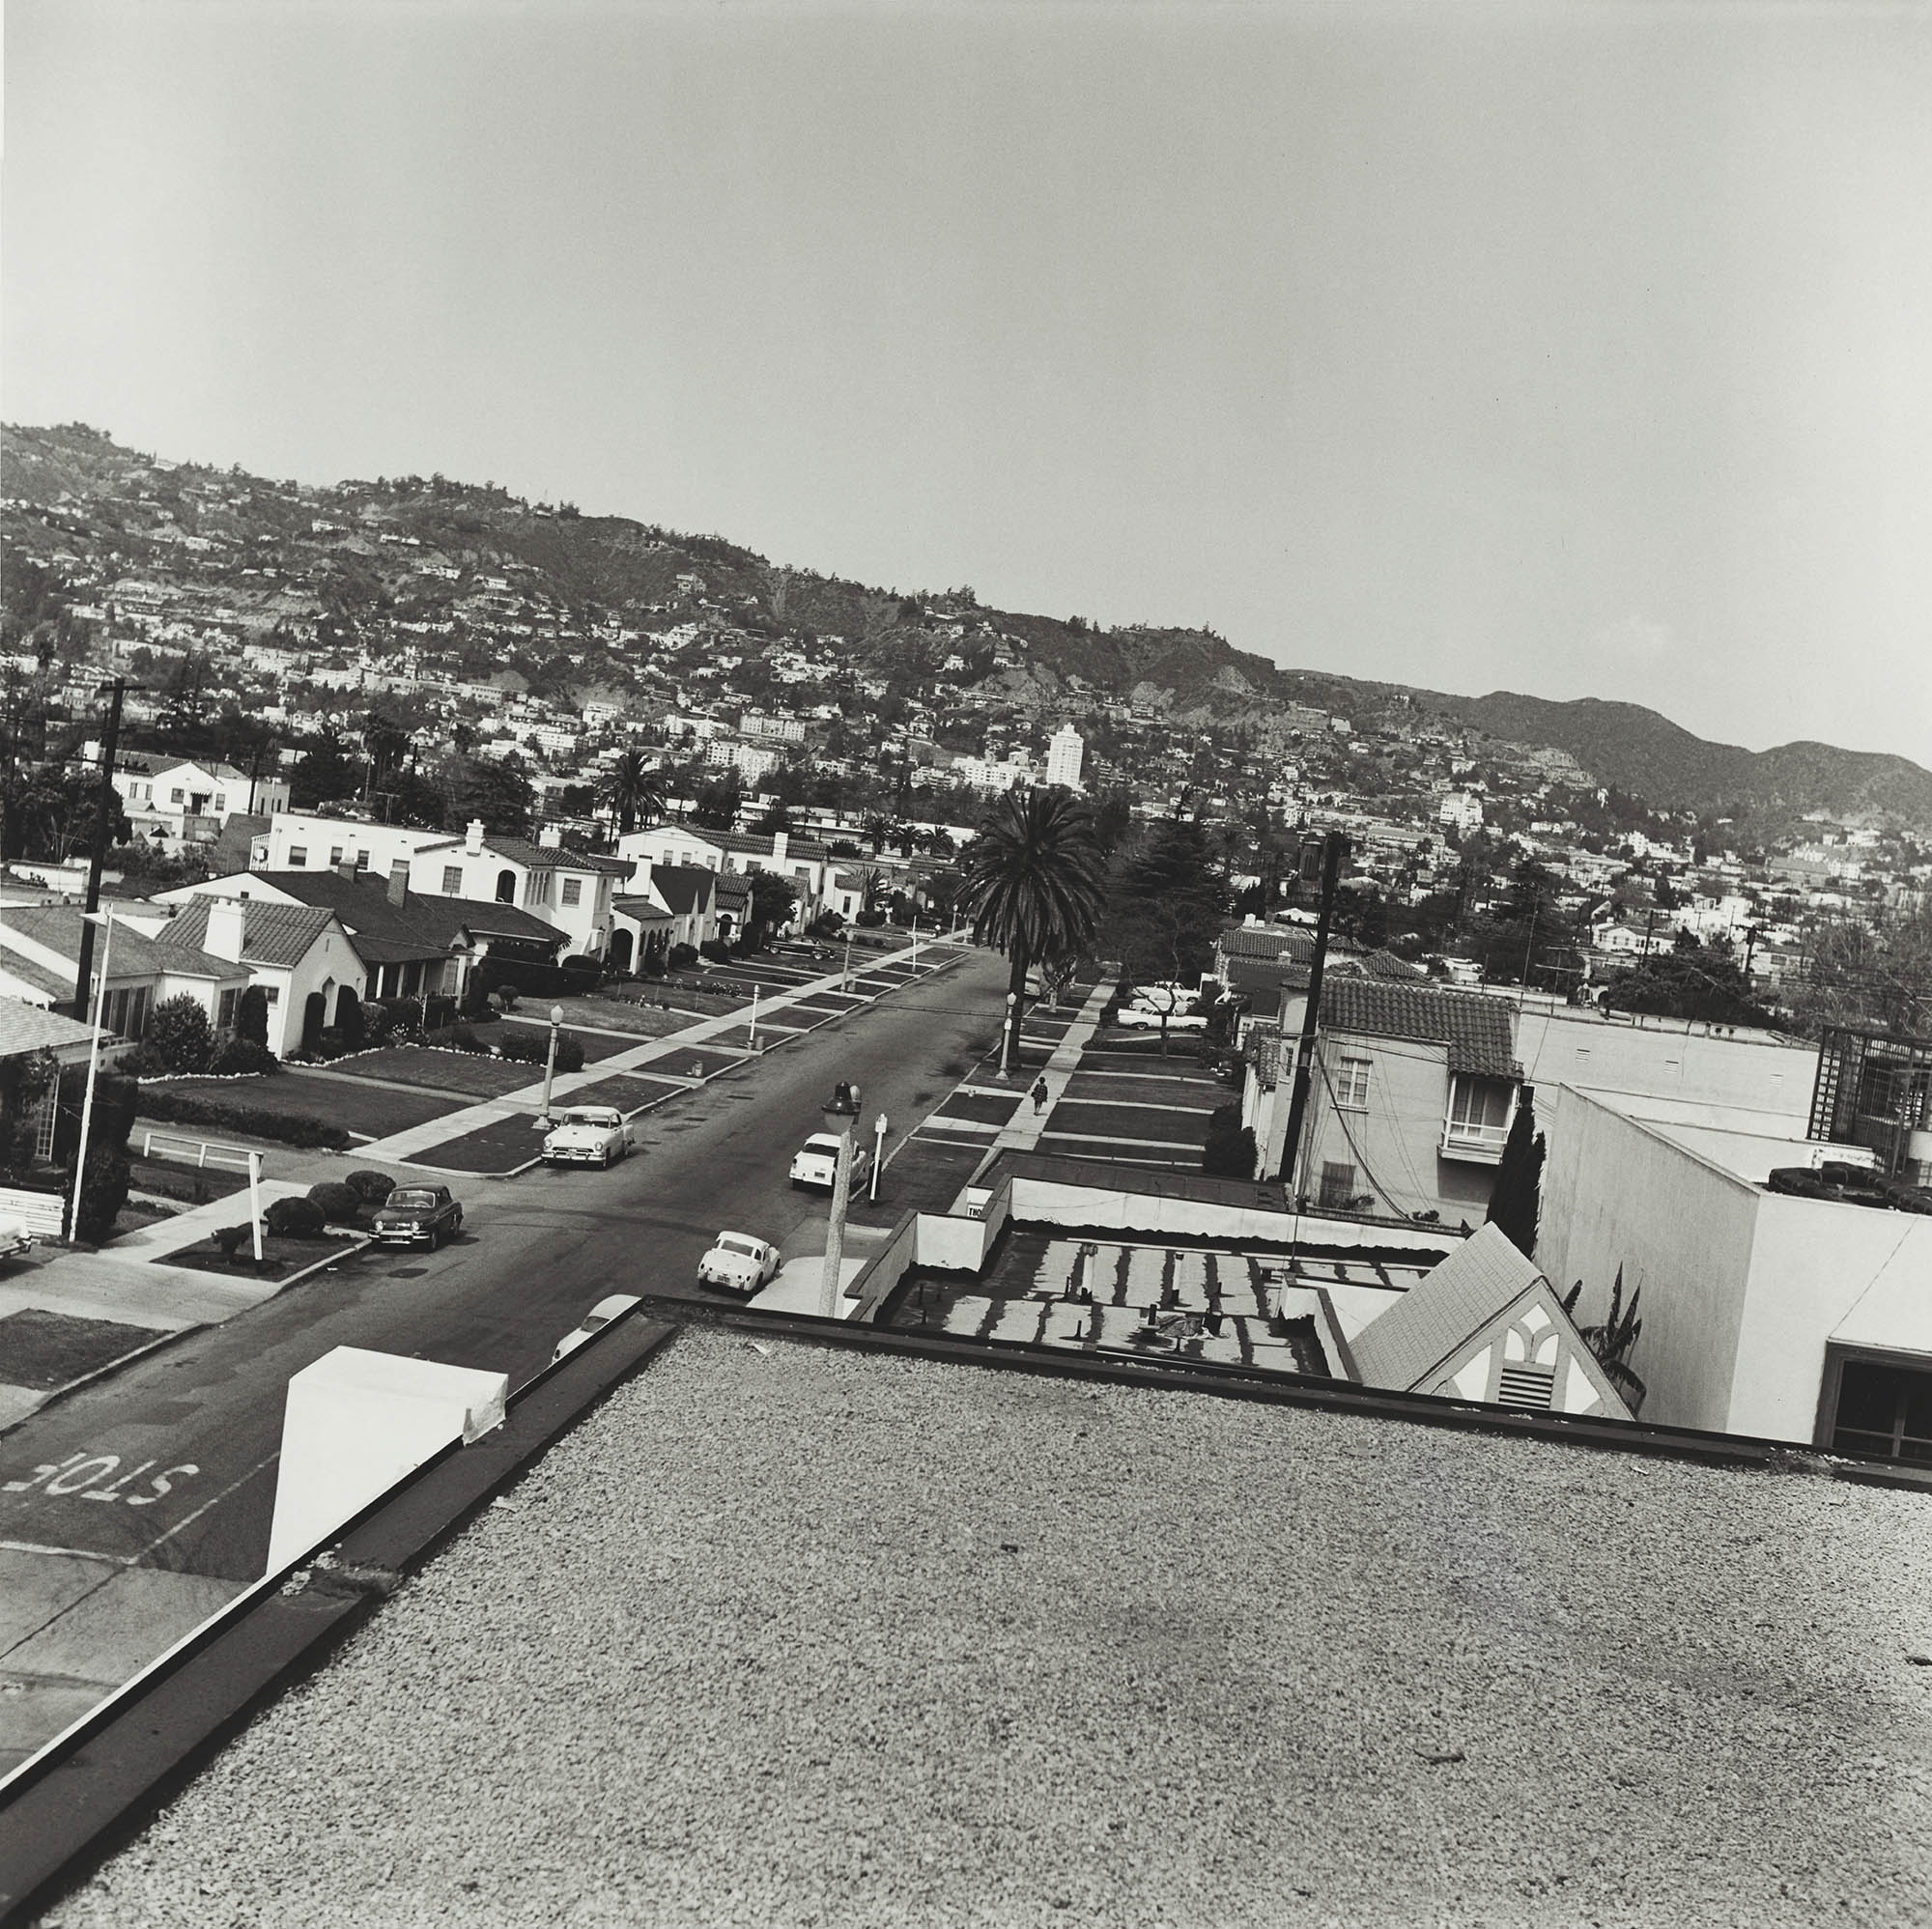 Image of Ed Ruscha, Rooftops, 1961